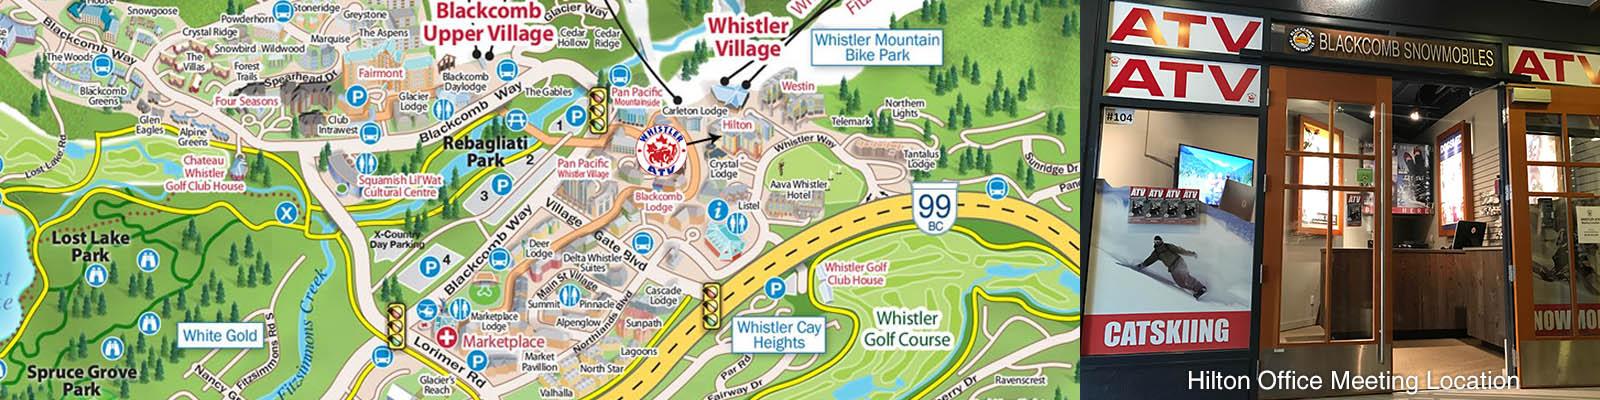 whistler-atv-office-map